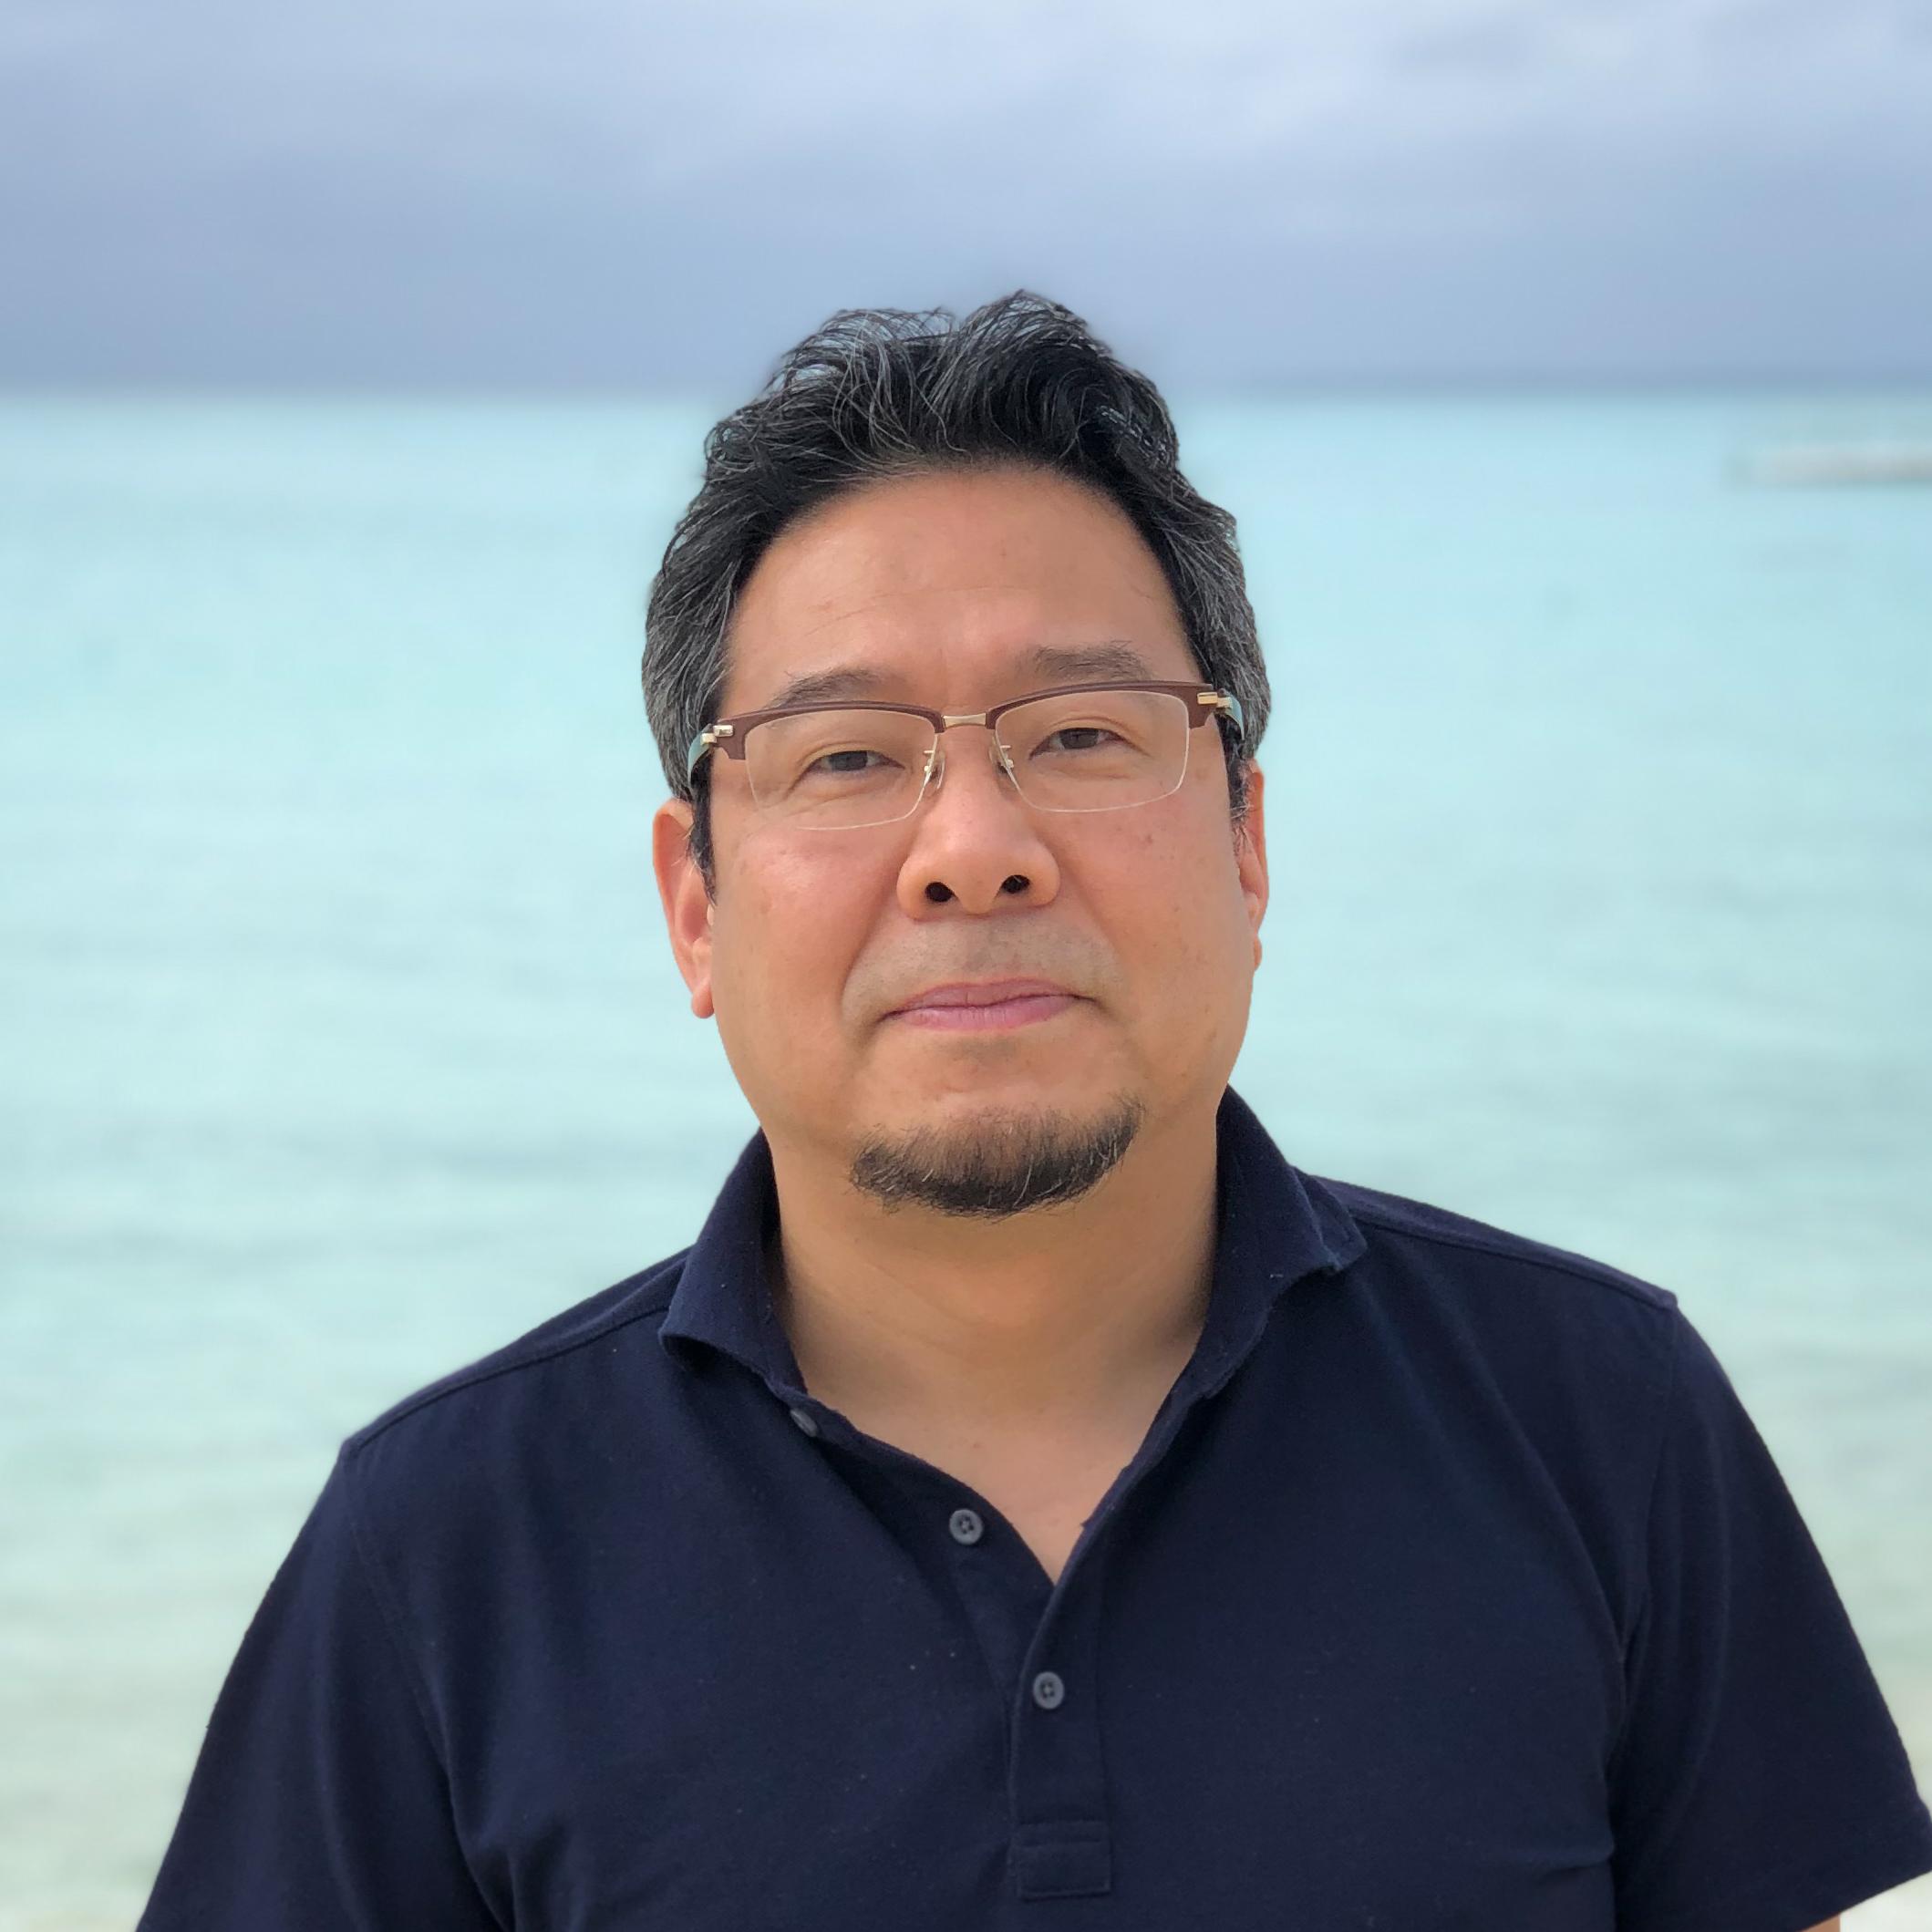 Yasuhiro Kawauchi